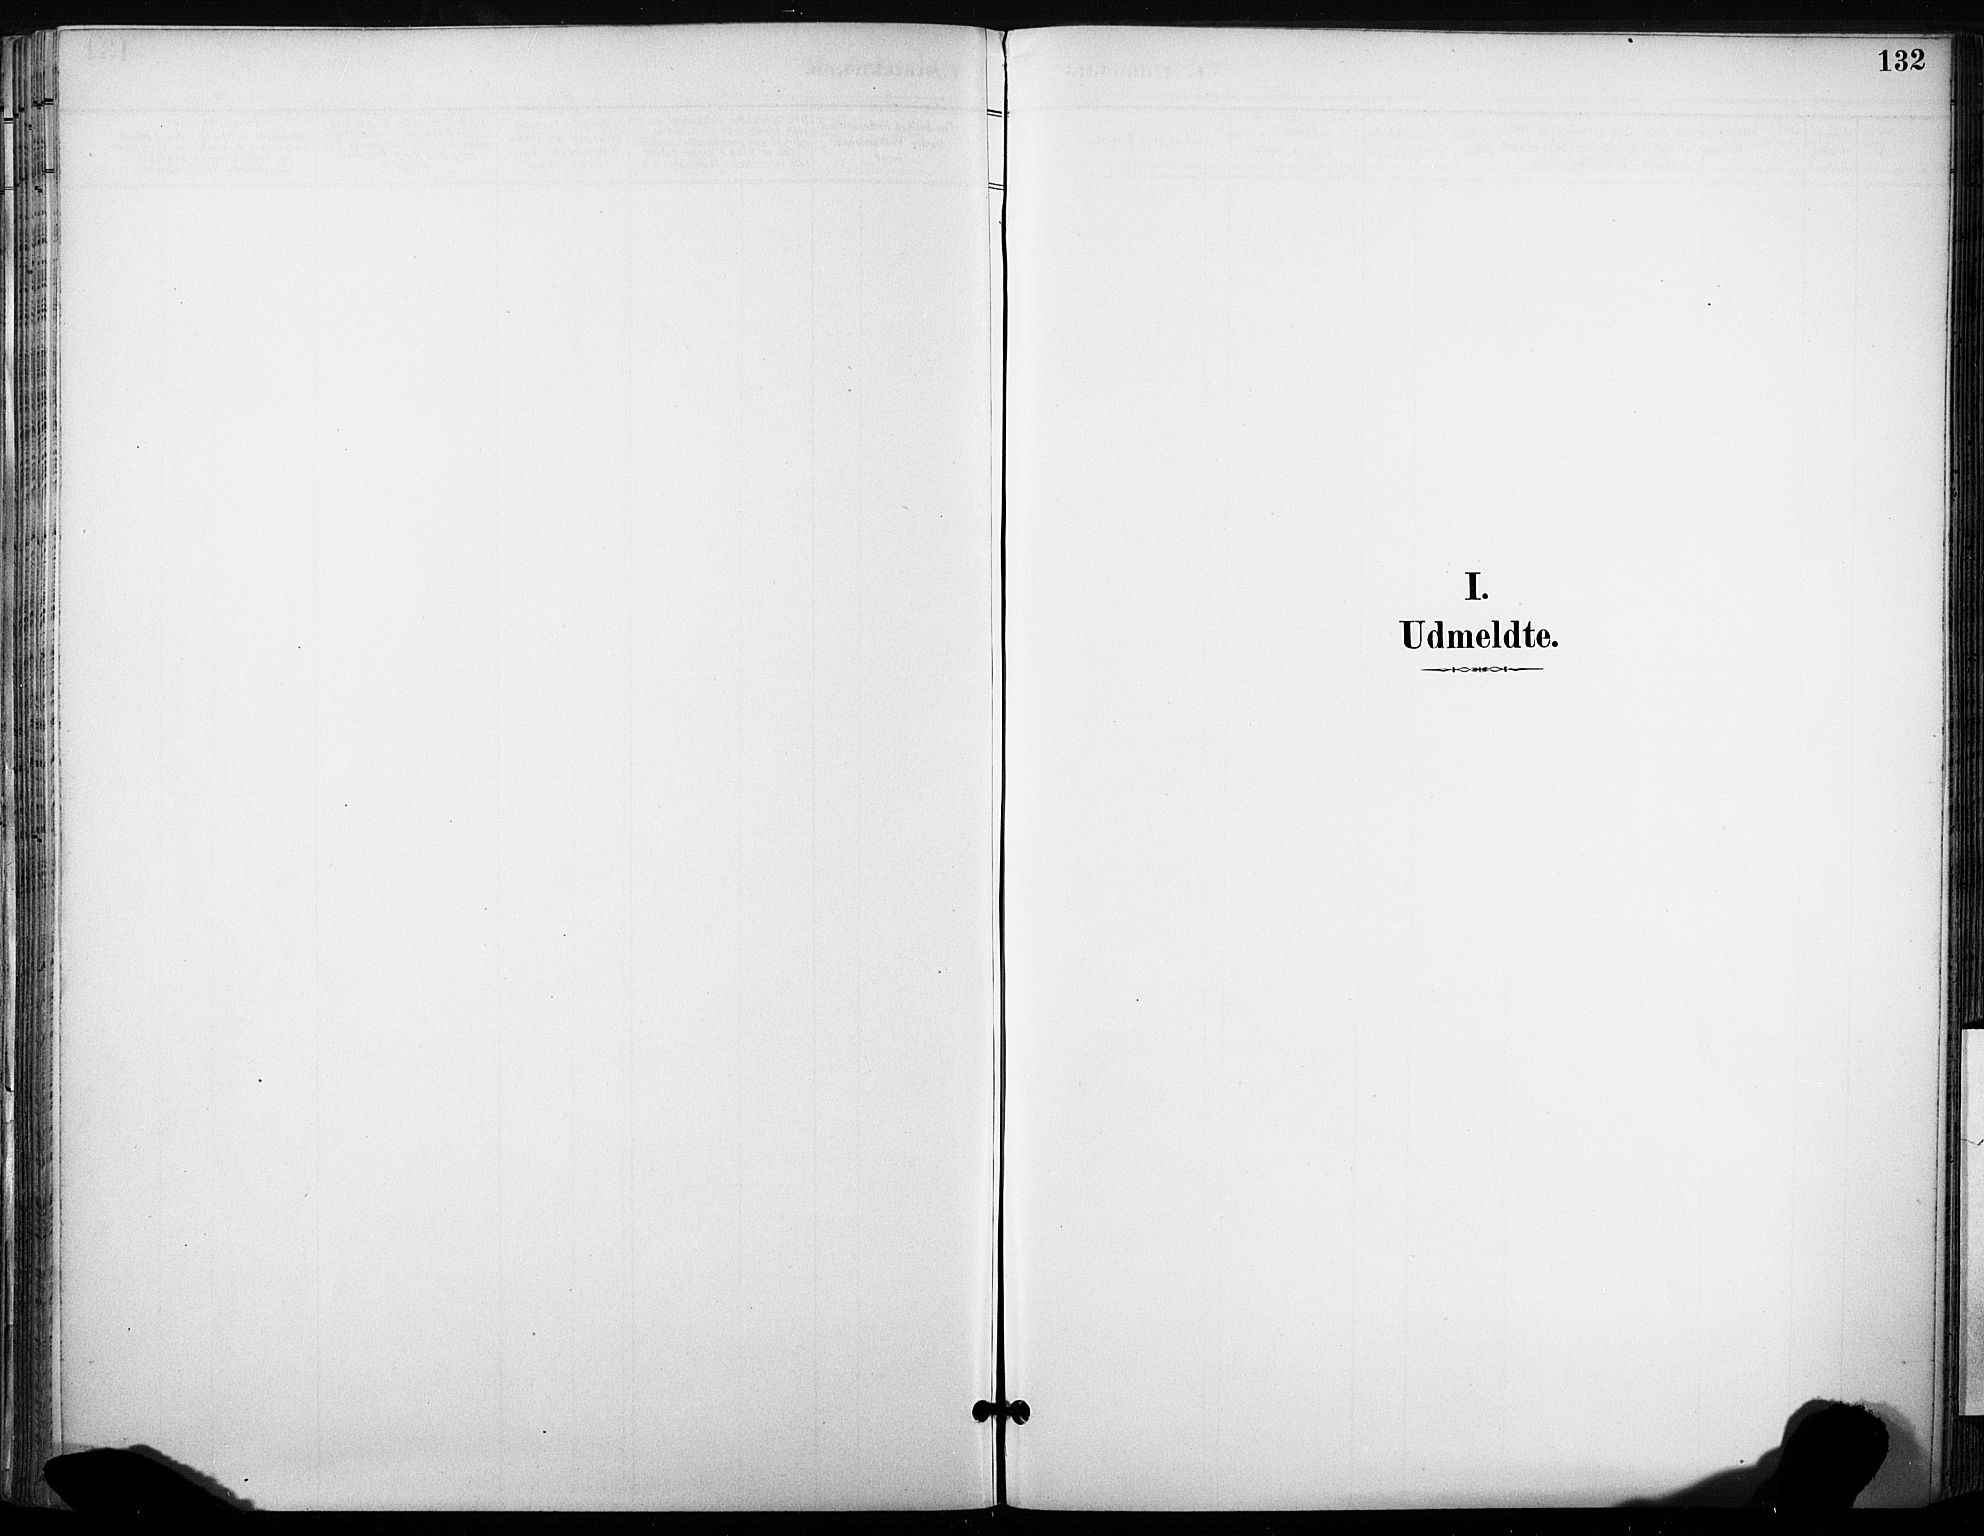 SAT, Ministerialprotokoller, klokkerbøker og fødselsregistre - Sør-Trøndelag, 685/L0973: Ministerialbok nr. 685A10, 1891-1907, s. 132